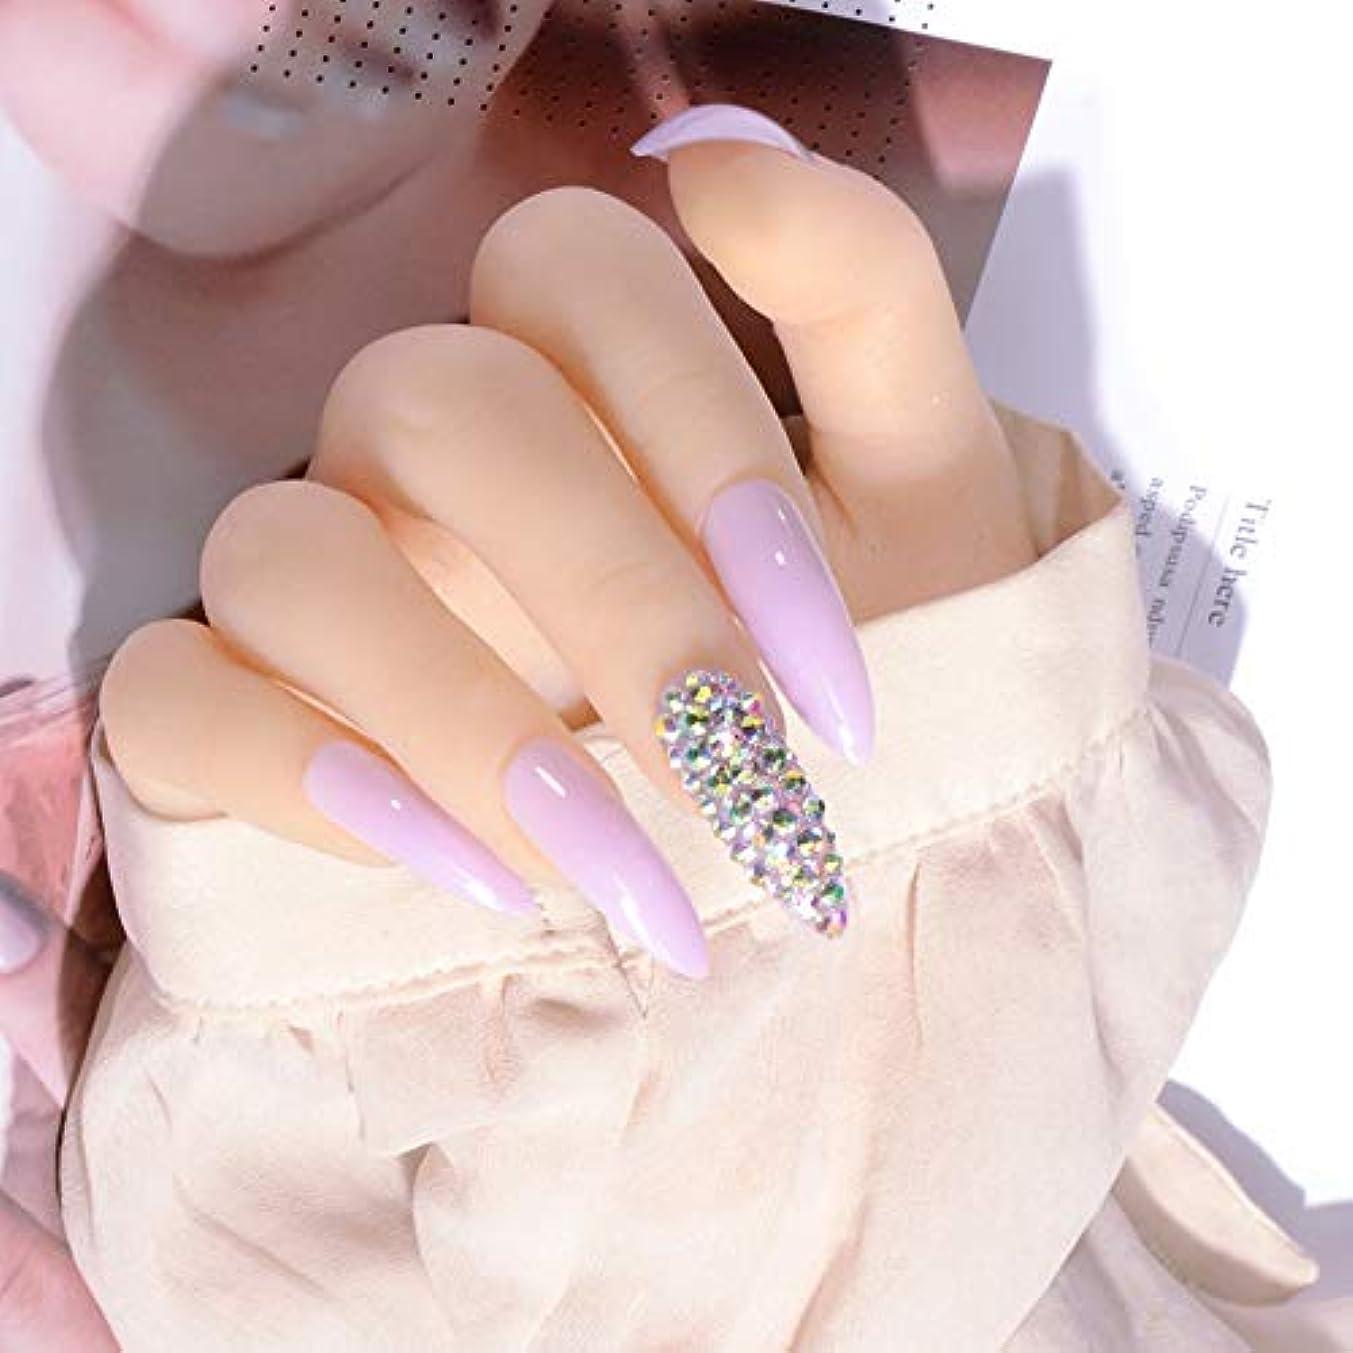 無限ハンサムヒップXUTXZKA 紫の爪ネイルヴェール偽の爪に長い光沢のあるプレス